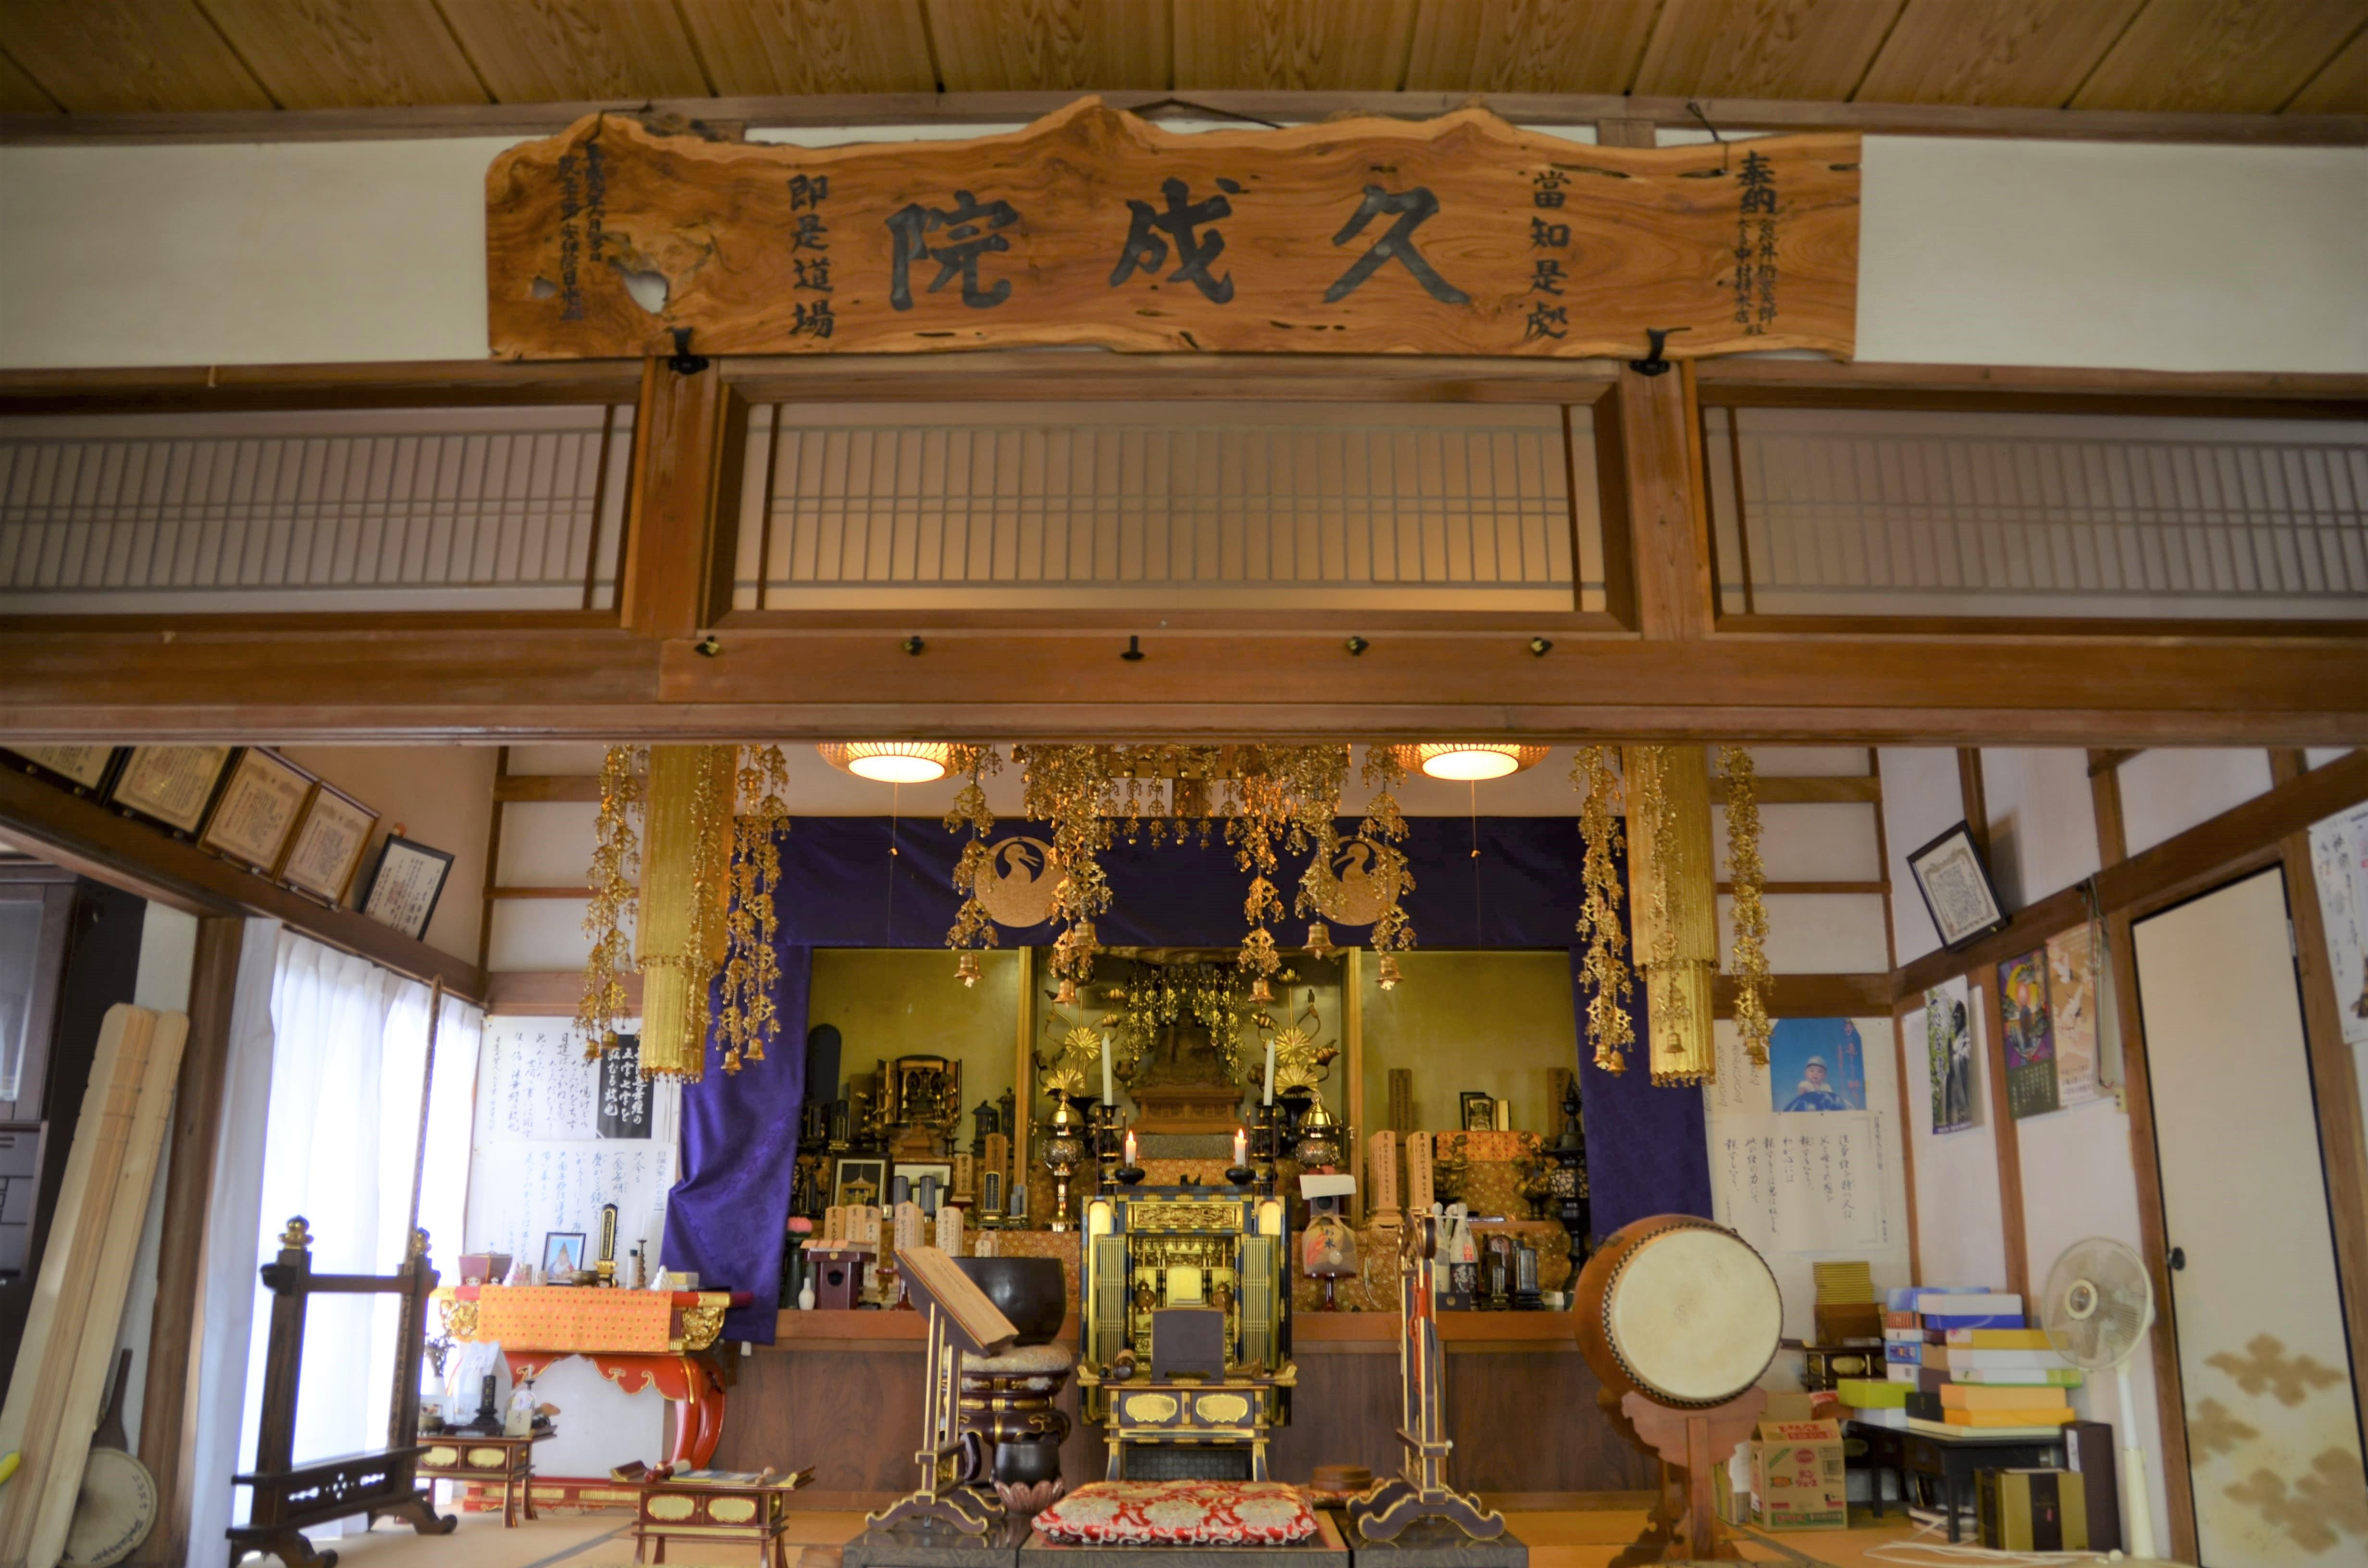 おぶつだんの里では、提携先寺院にて、回収したお仏壇を個別に供養いたします。